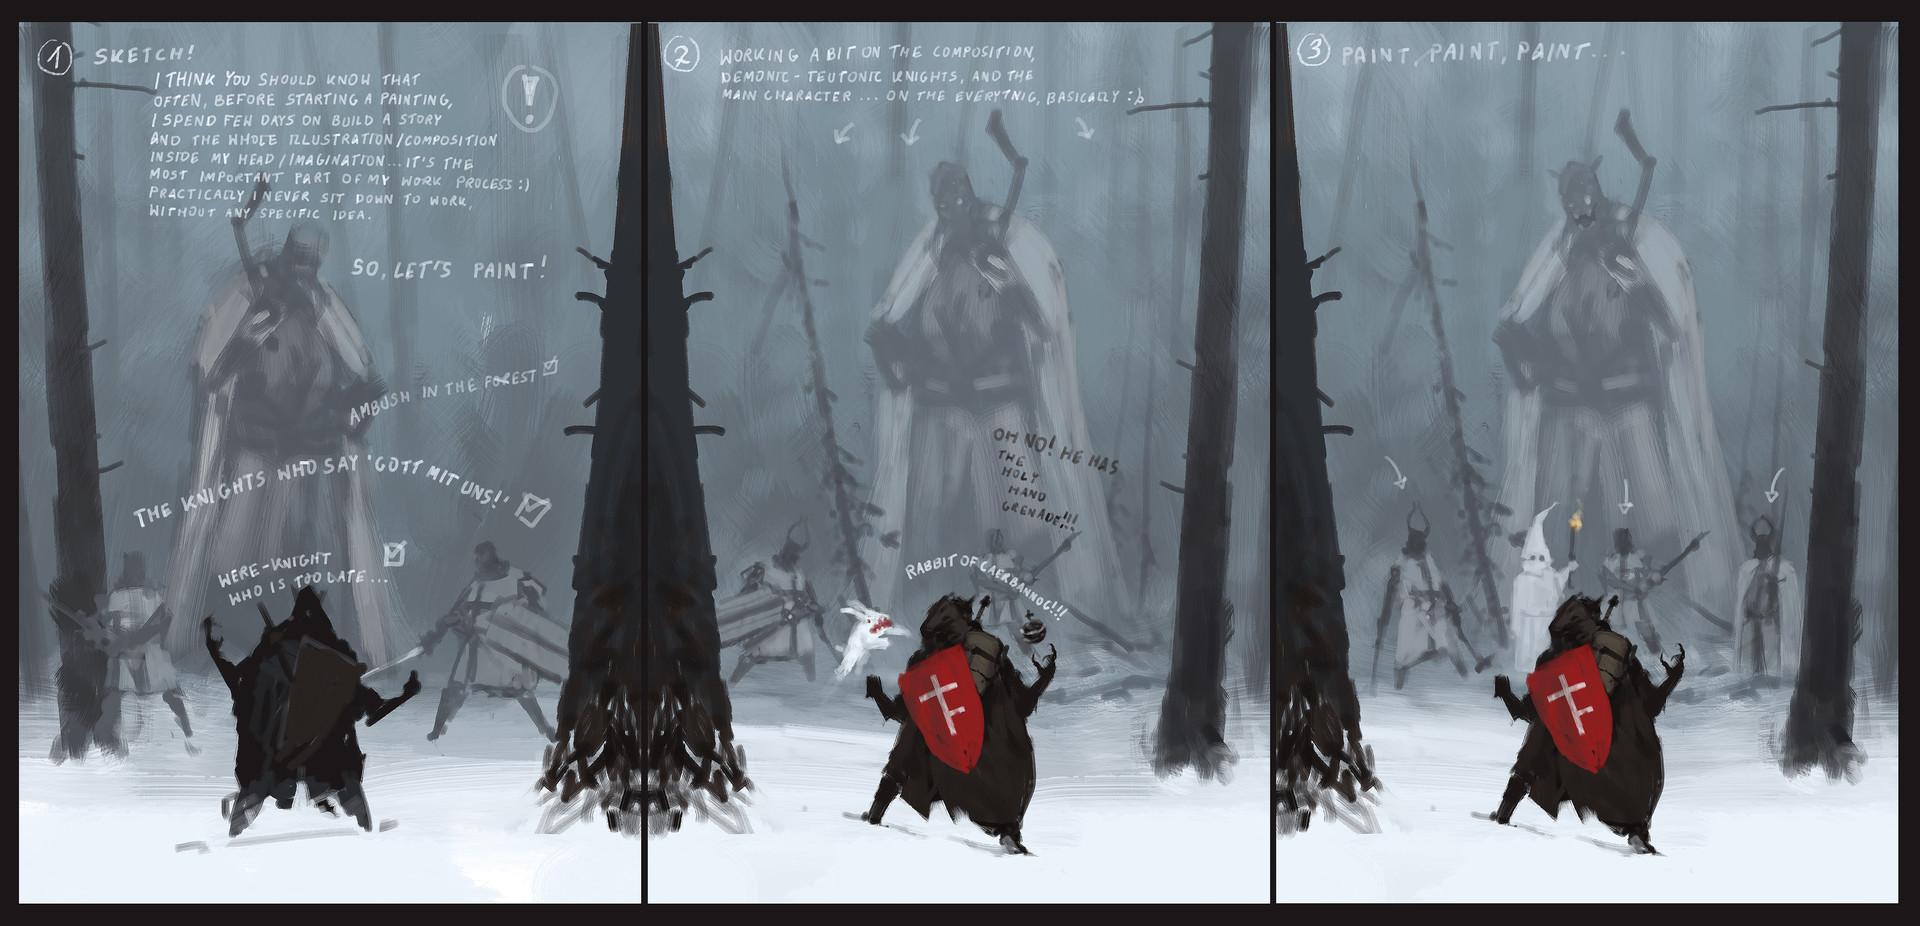 Jakub rozalski starza wolfpack process1